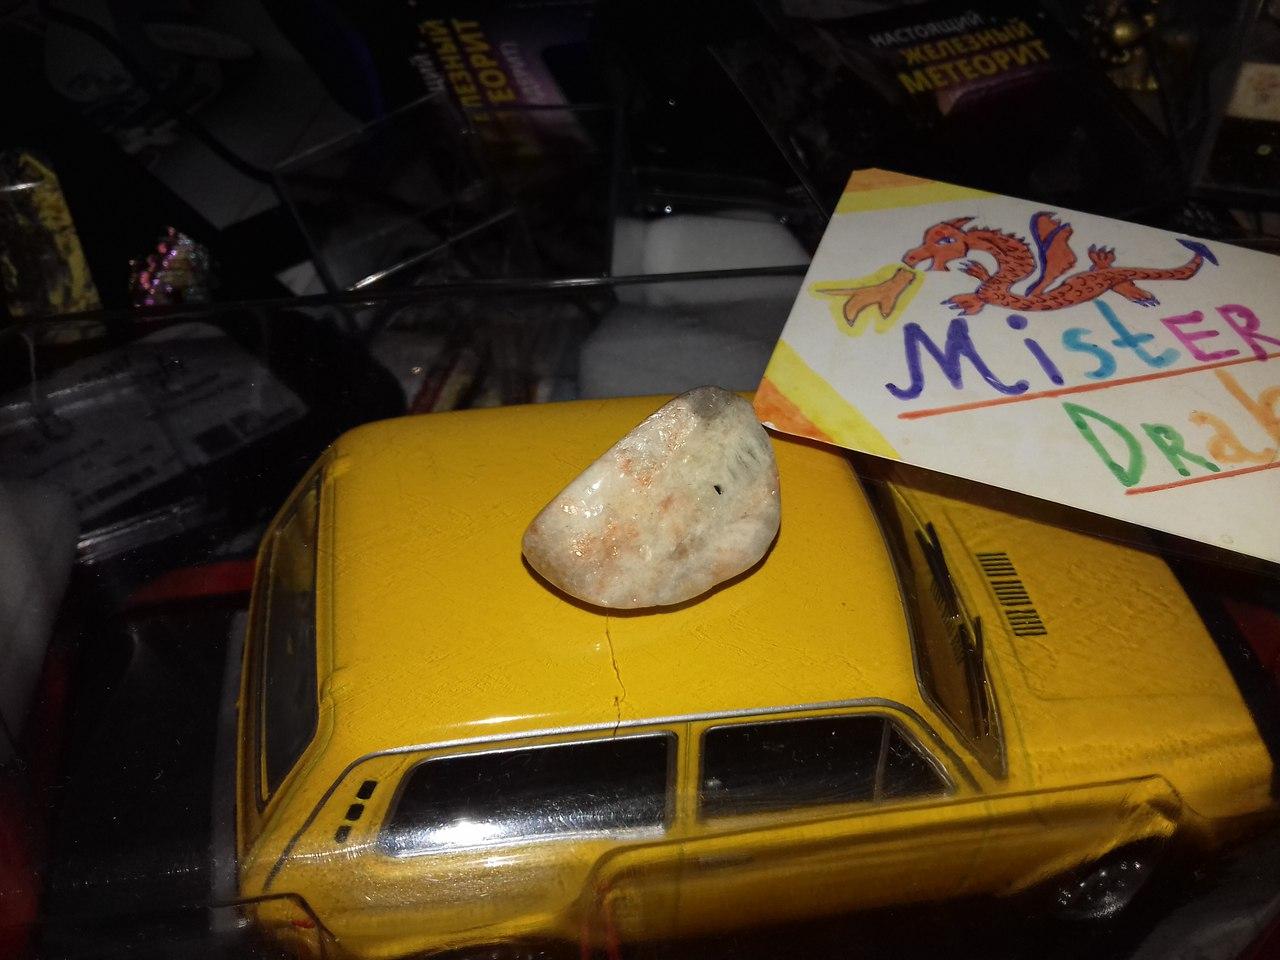 Минералы Подземные Богатства - Спецвыпуск №3 - Солнечный камень (Ортоклаз)